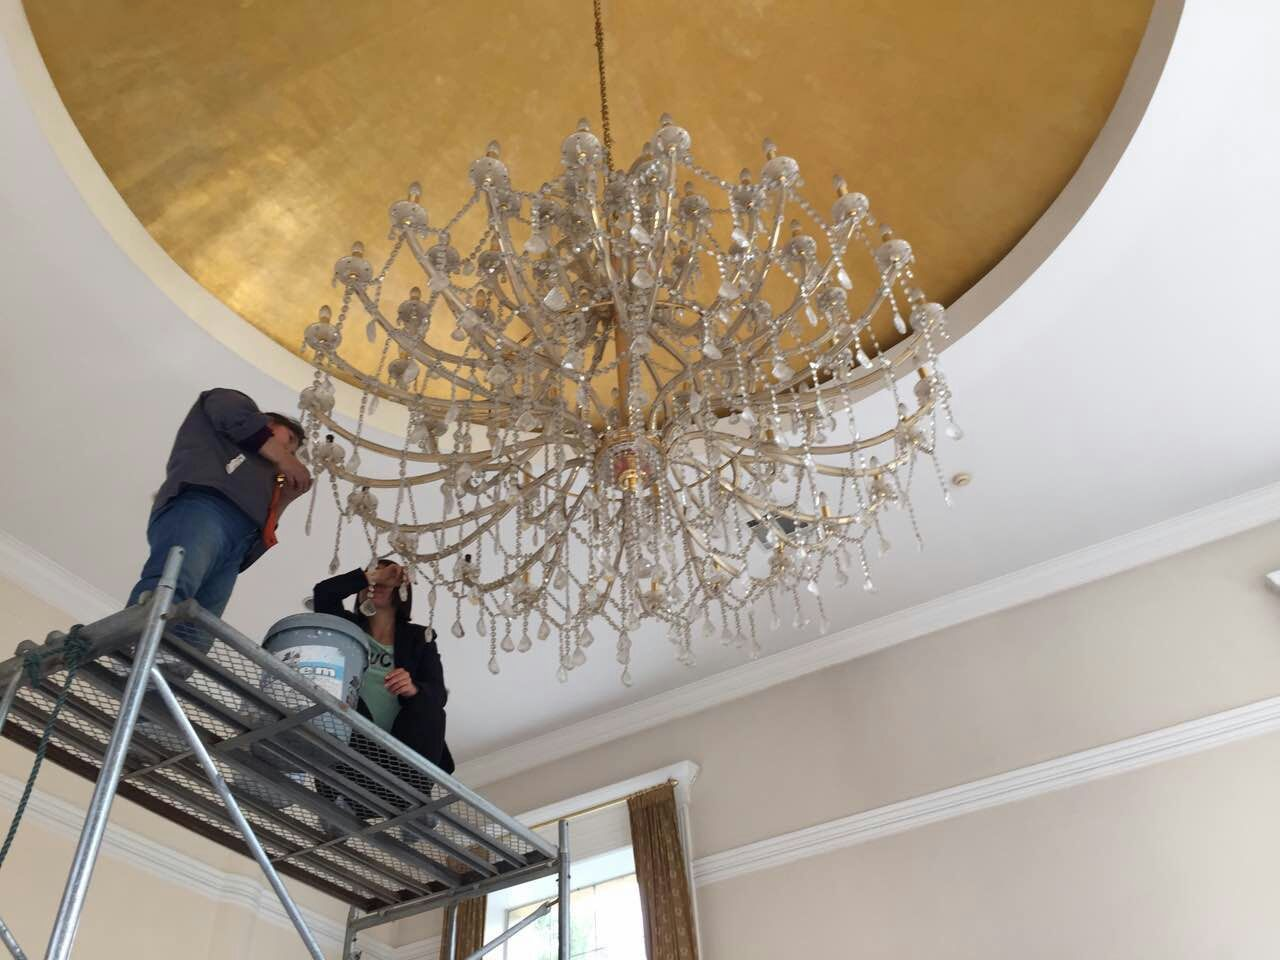 Jasa Cuci & Service Lampu Kristal Bandung Tepercaya